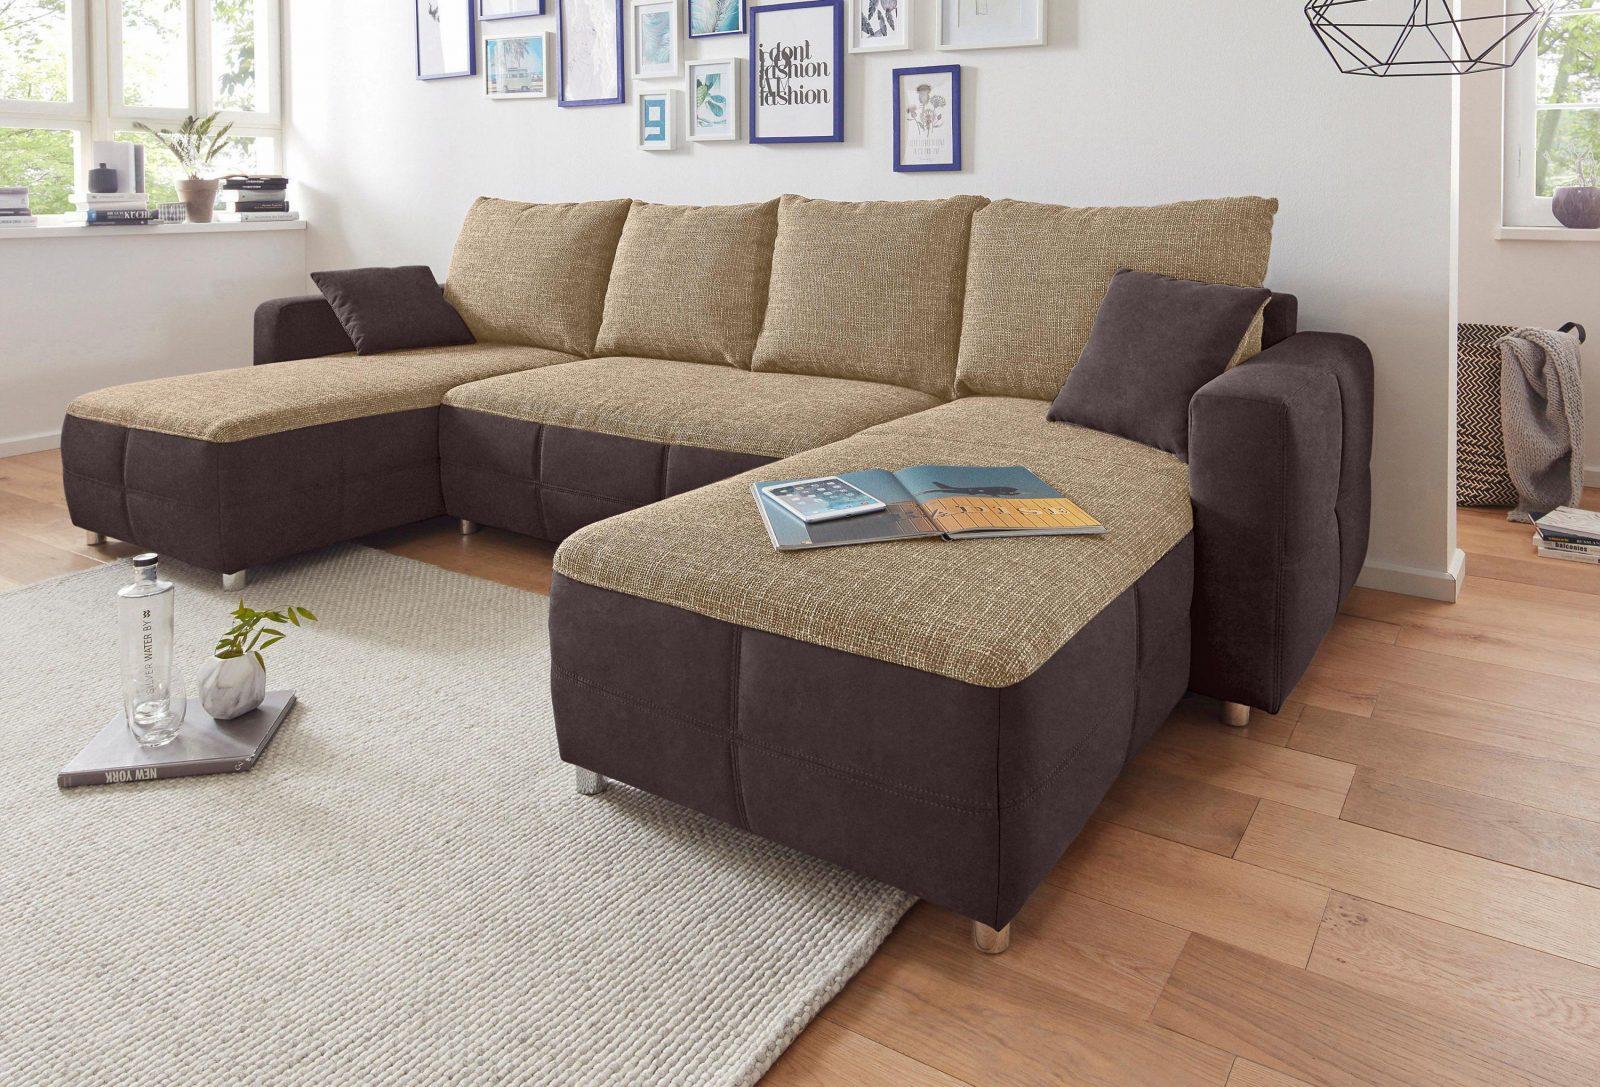 Sit & More Wohnlandschaft Xl Mit Bettfunktion Und Bettkasten von Sit & More Wohnlandschaft Photo